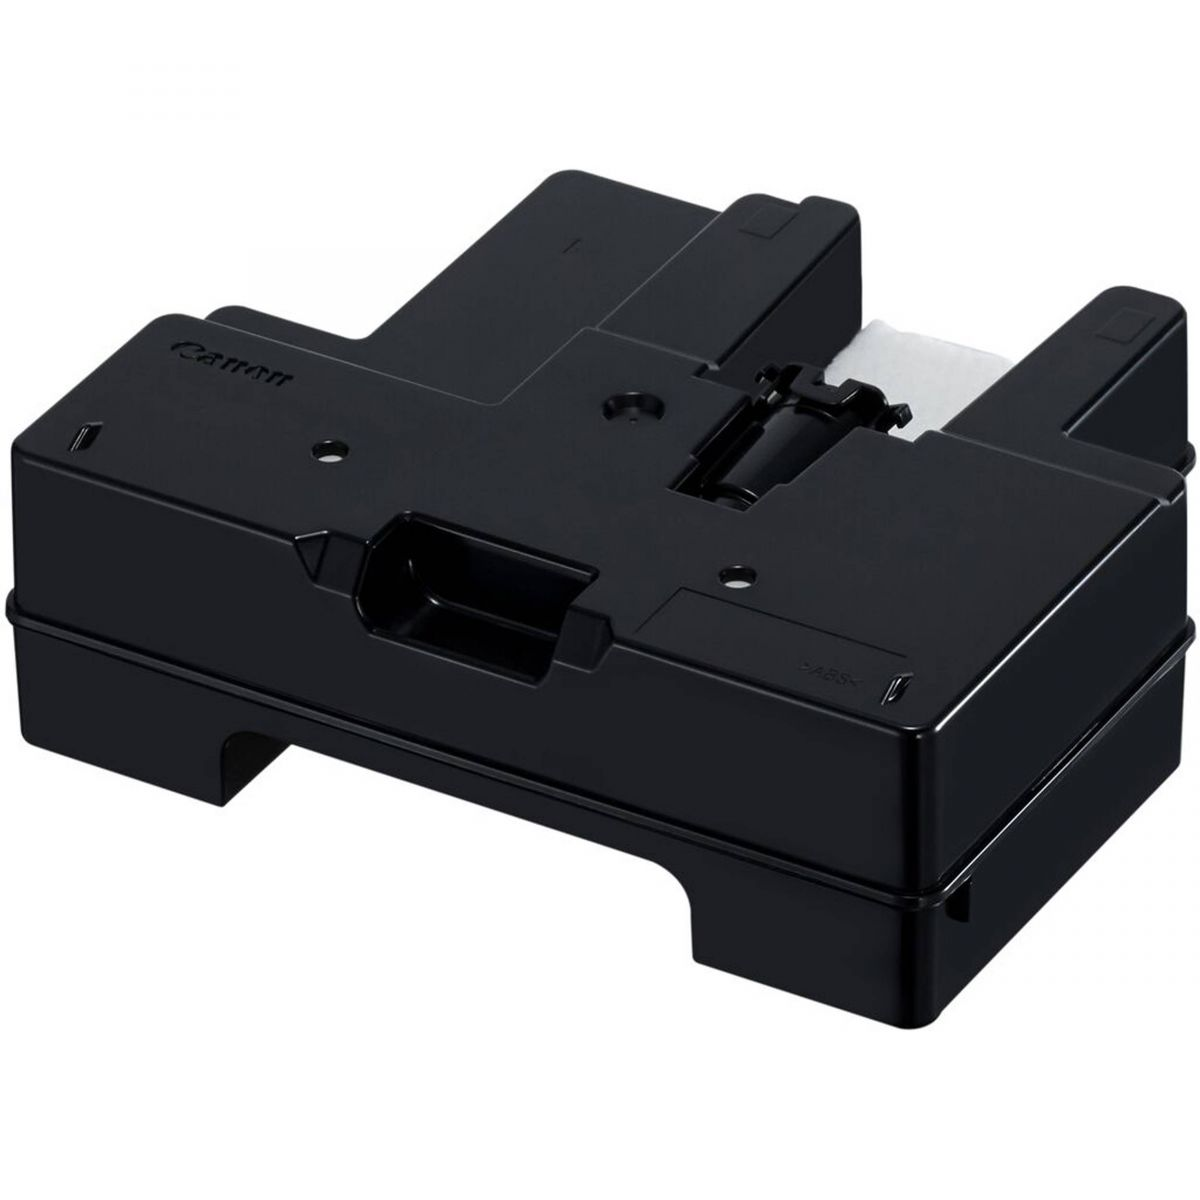 Tanque de Manutenção Canon MC-20